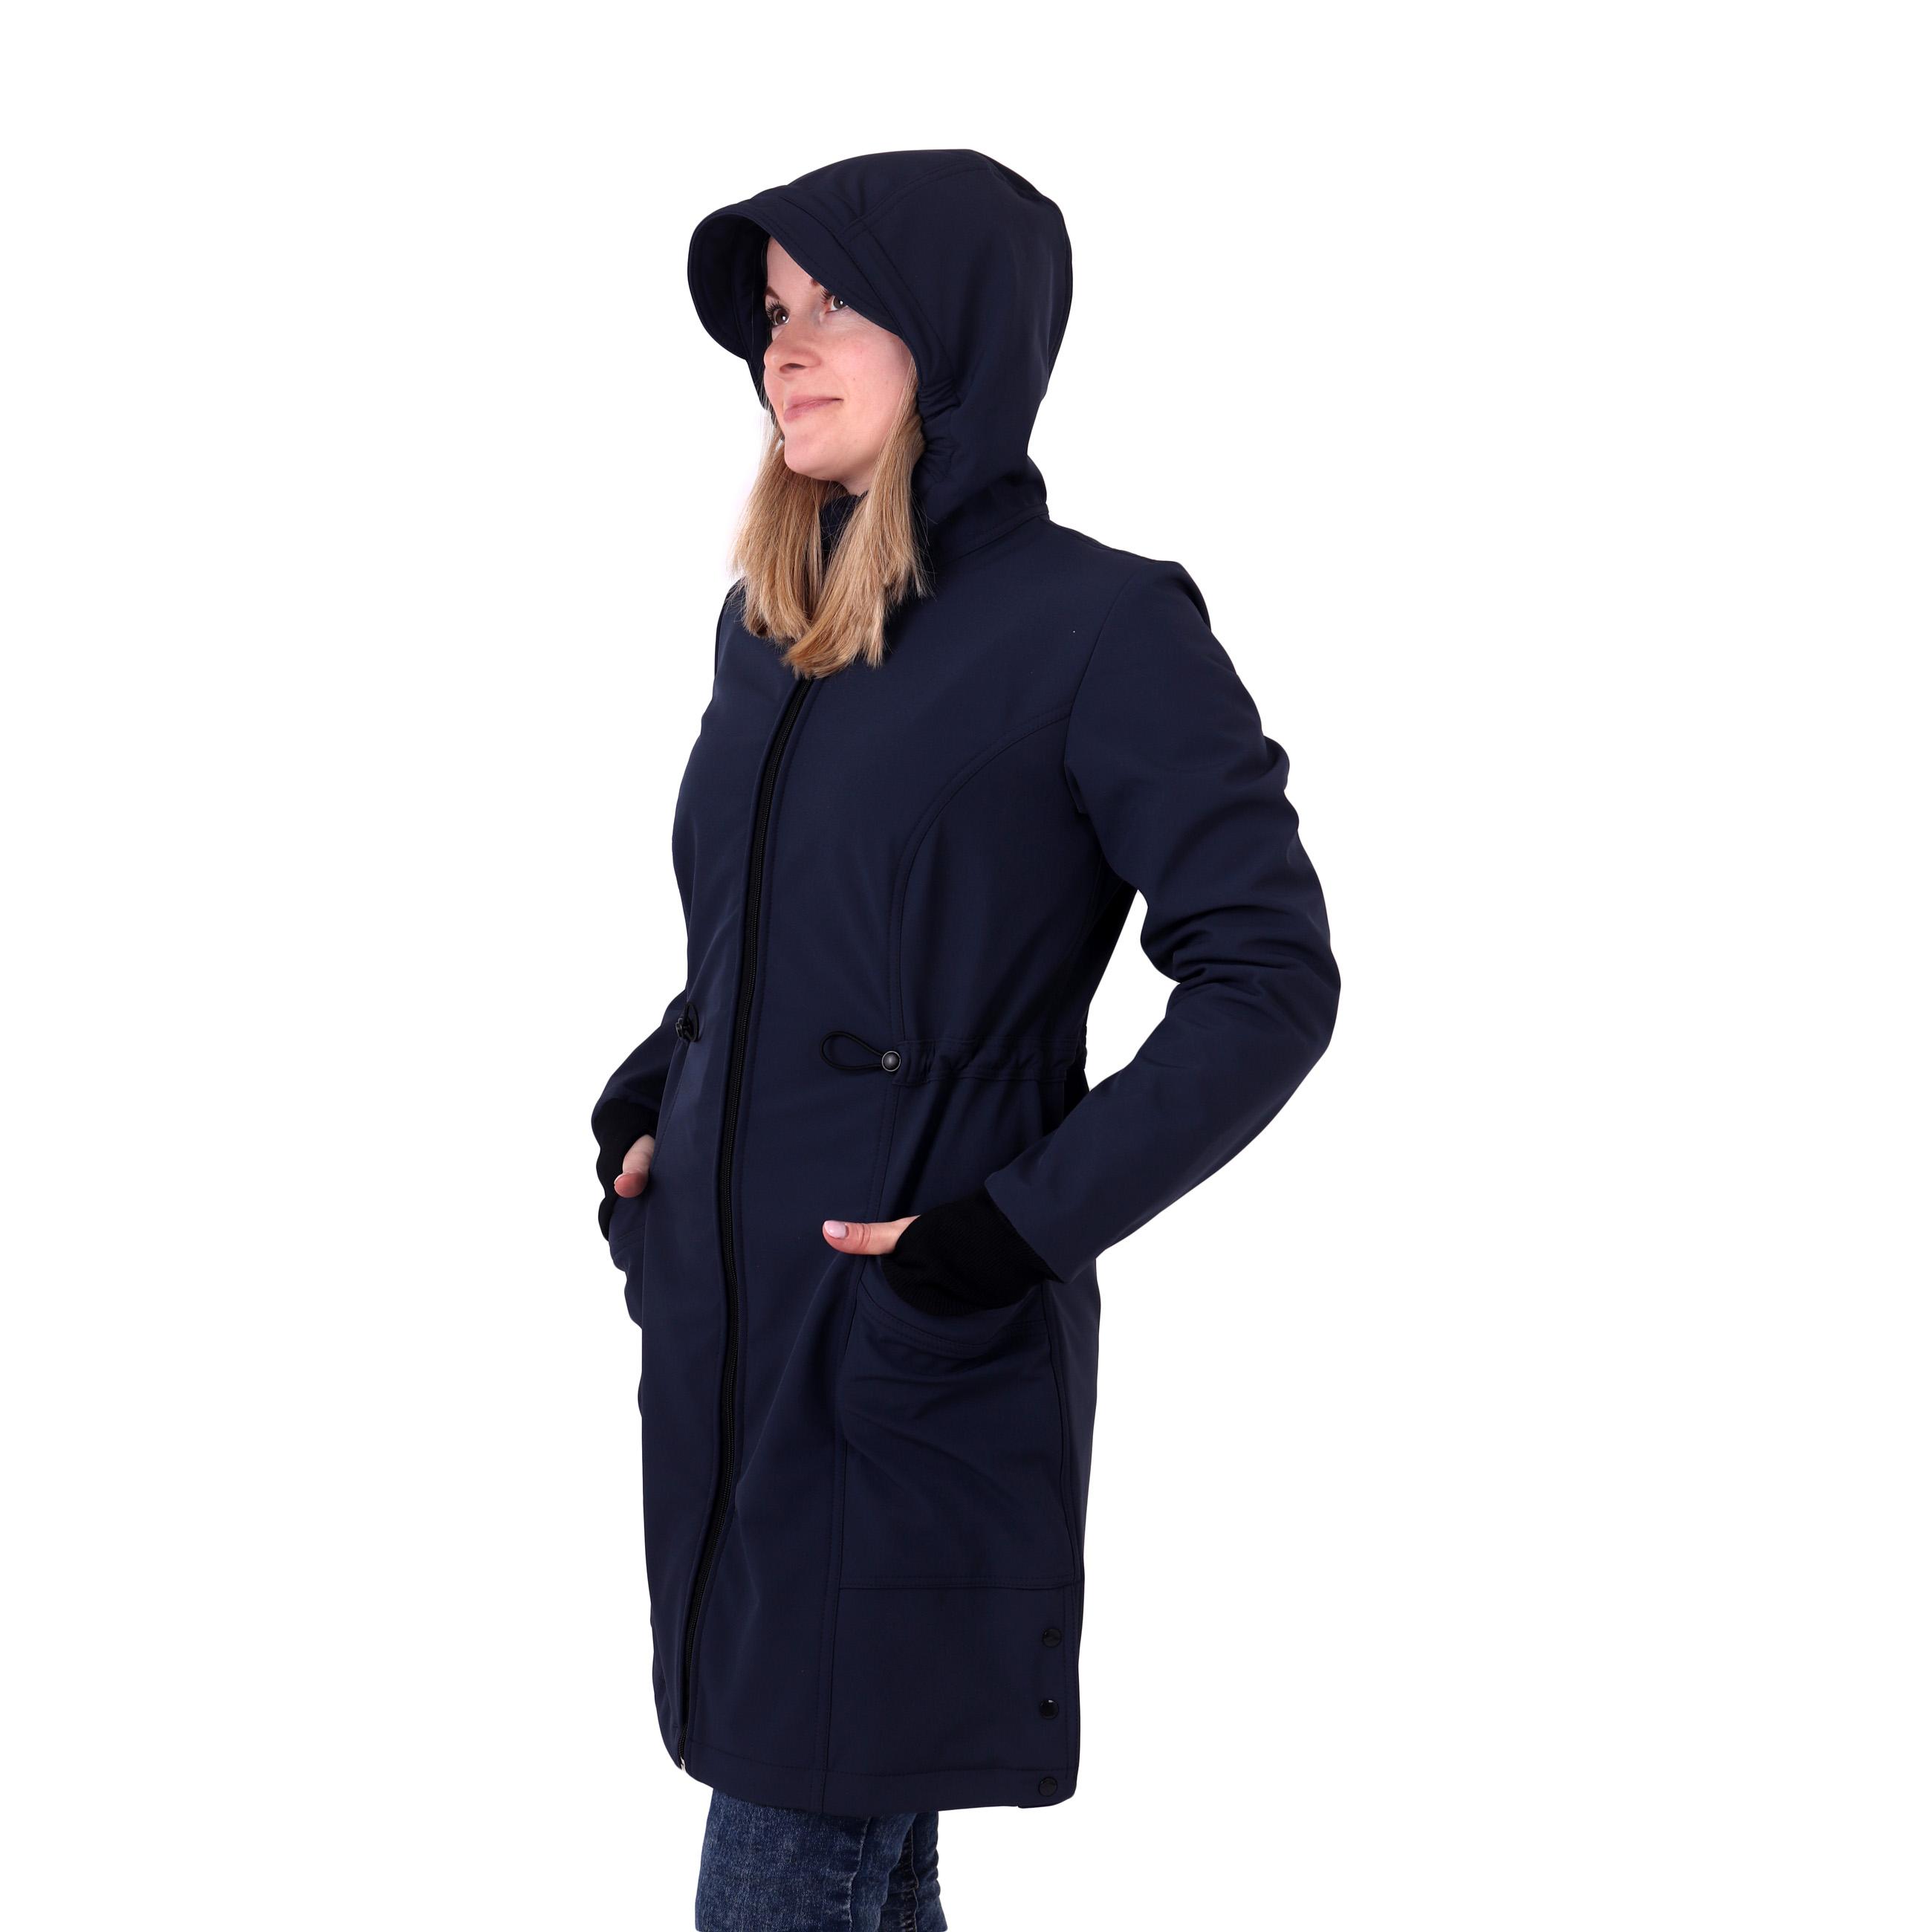 Dámský softshellový kabát hana, tmavě modrý, xl